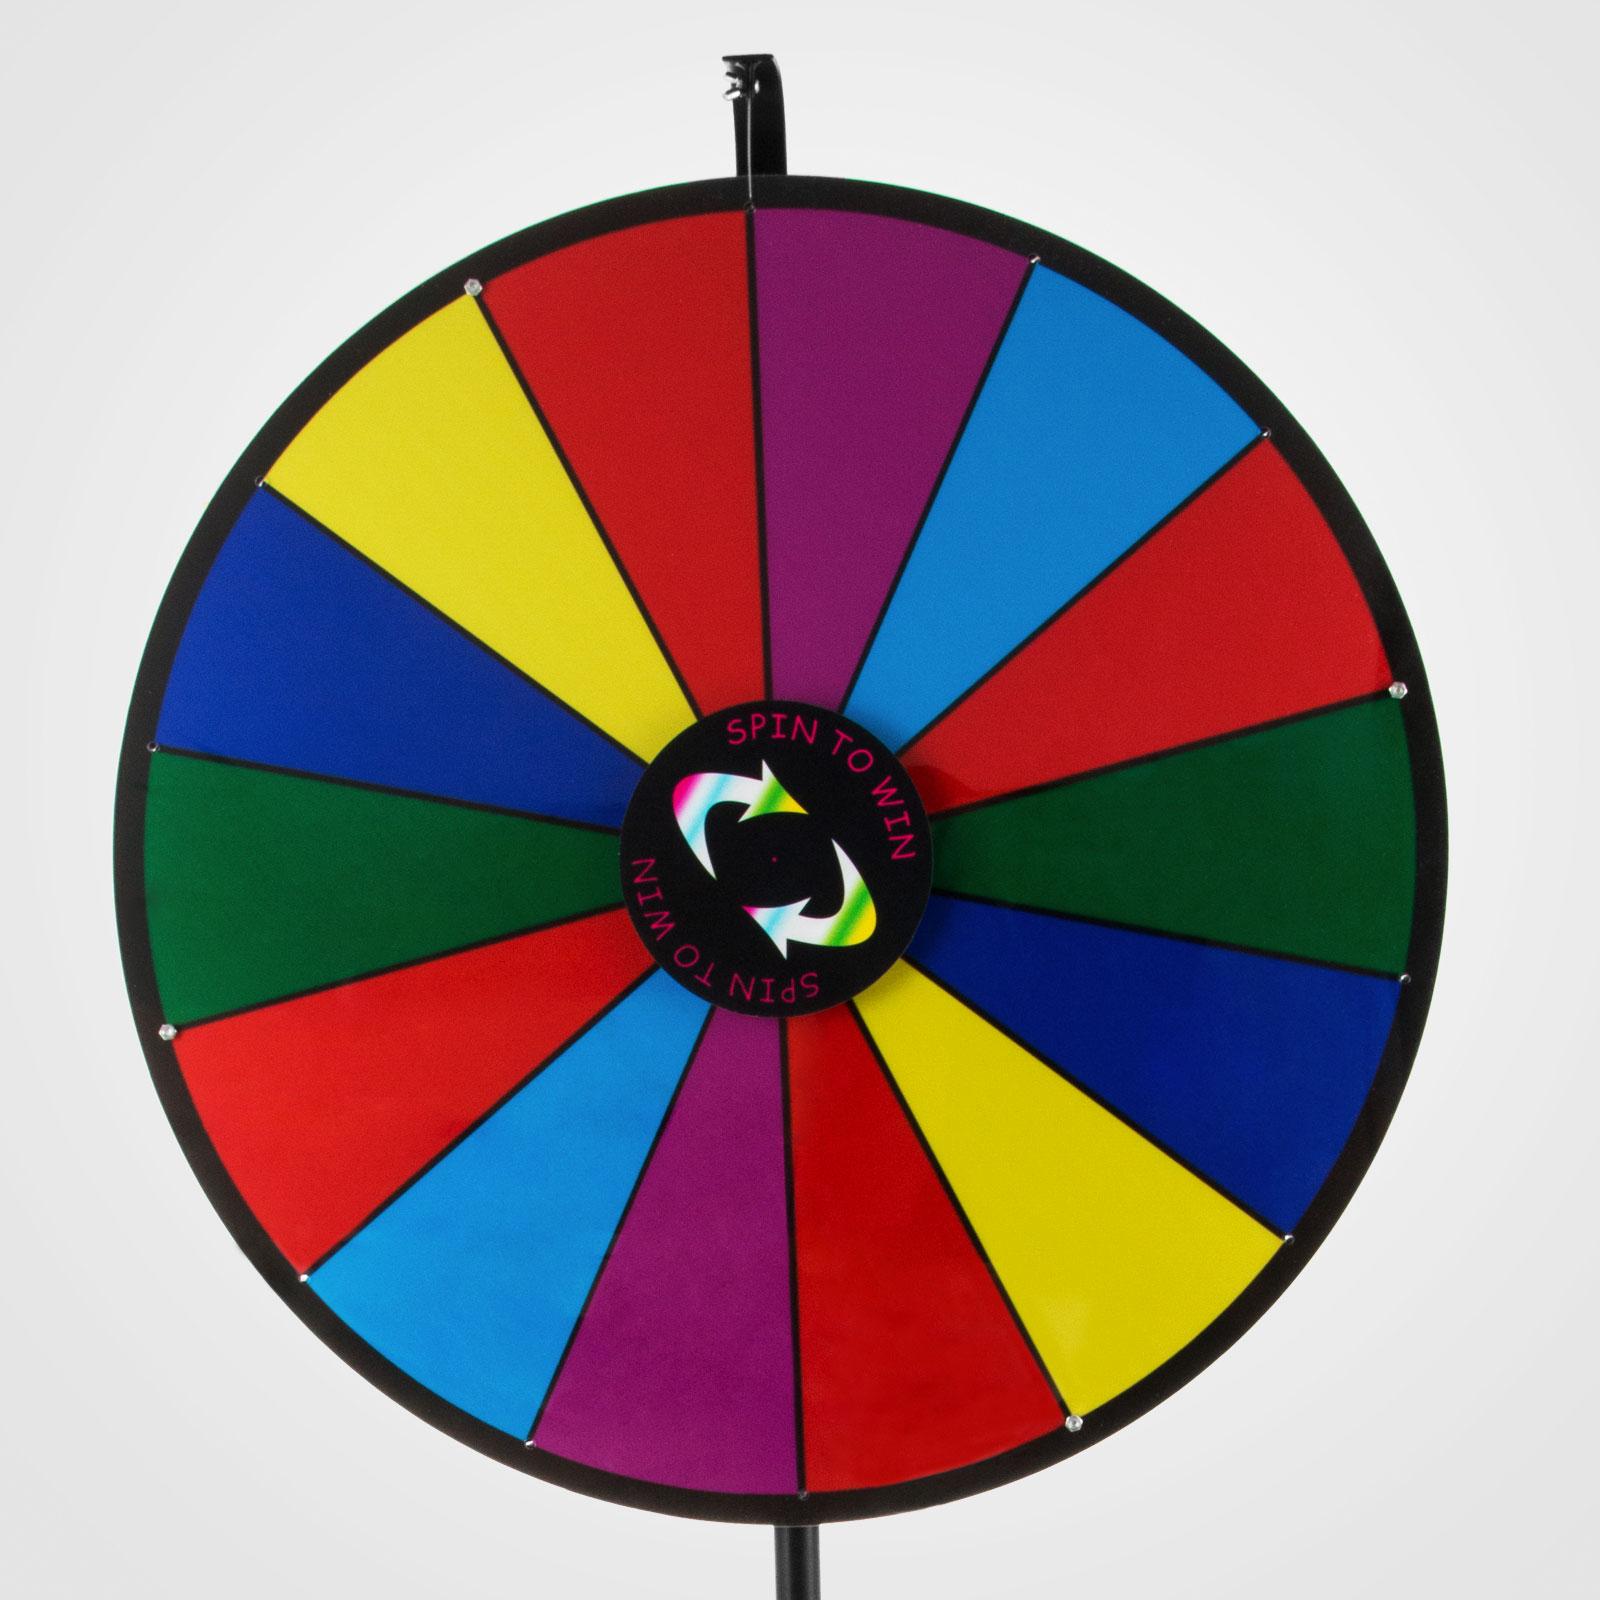 24-18-15-Ruota-Della-Fortuna-di-Colore-14-Slots-Gioco-Spin-Con-Supporto-Festa miniatura 92